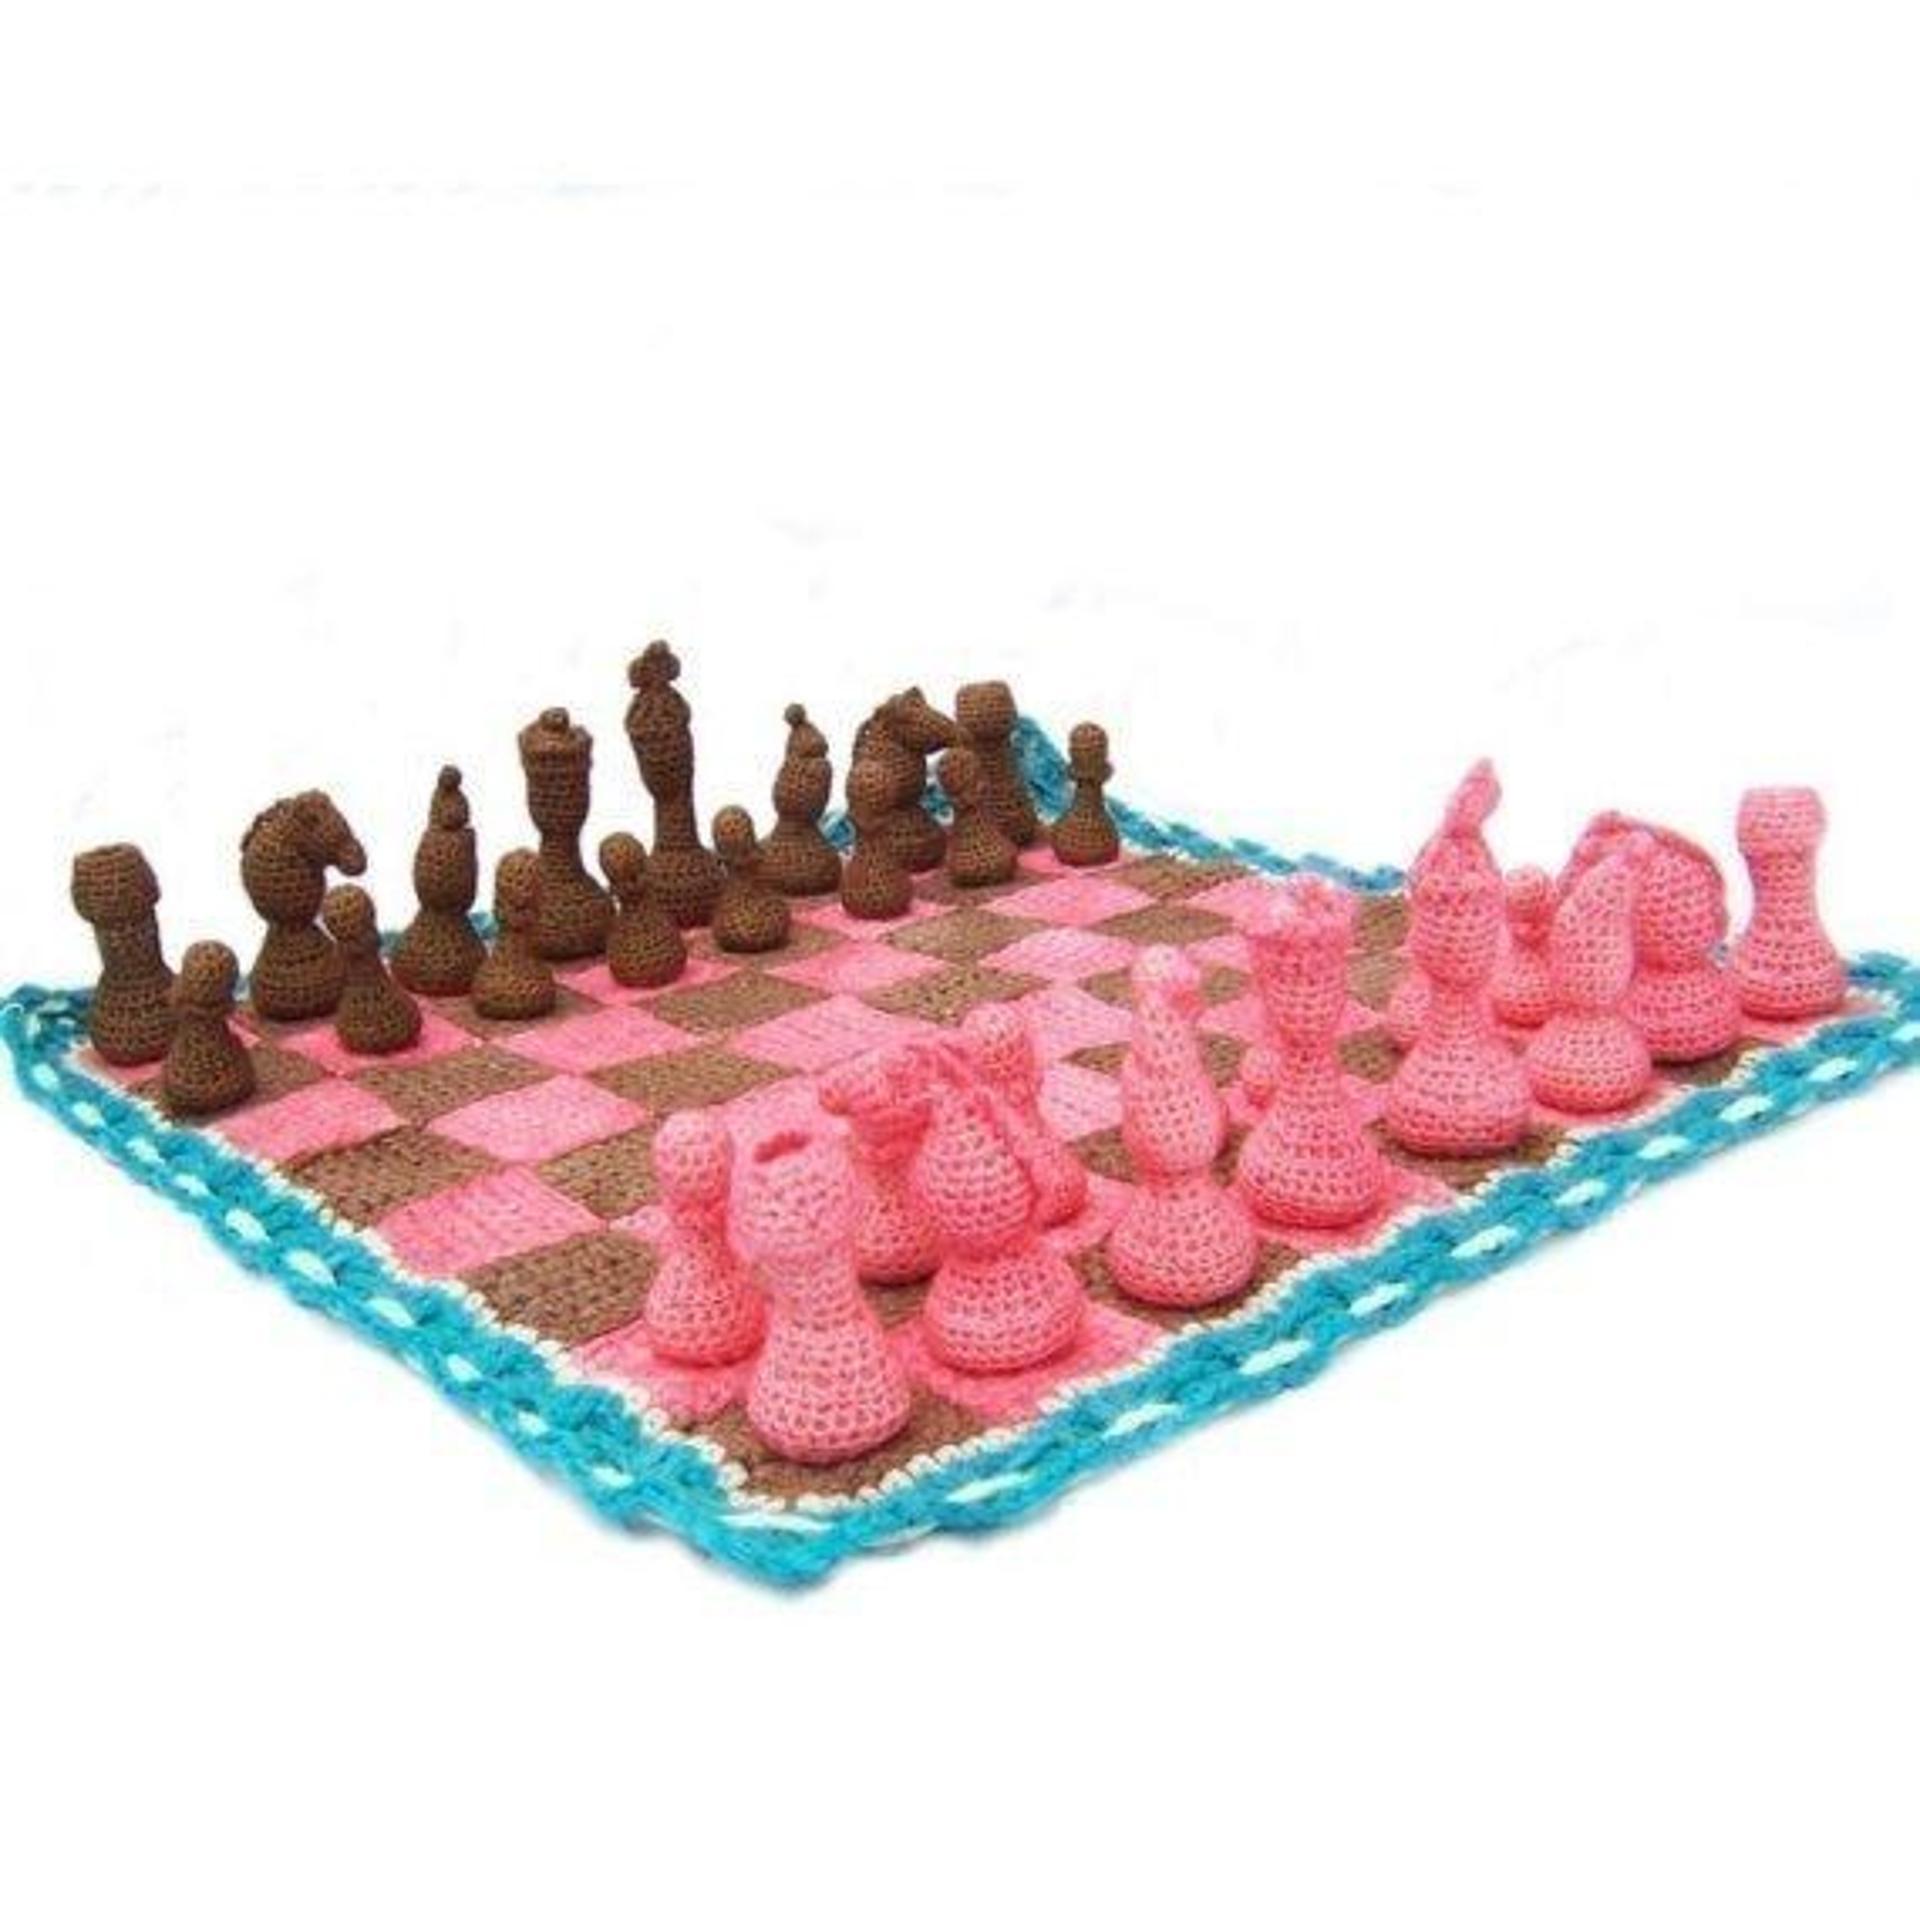 crochet chess set pattern